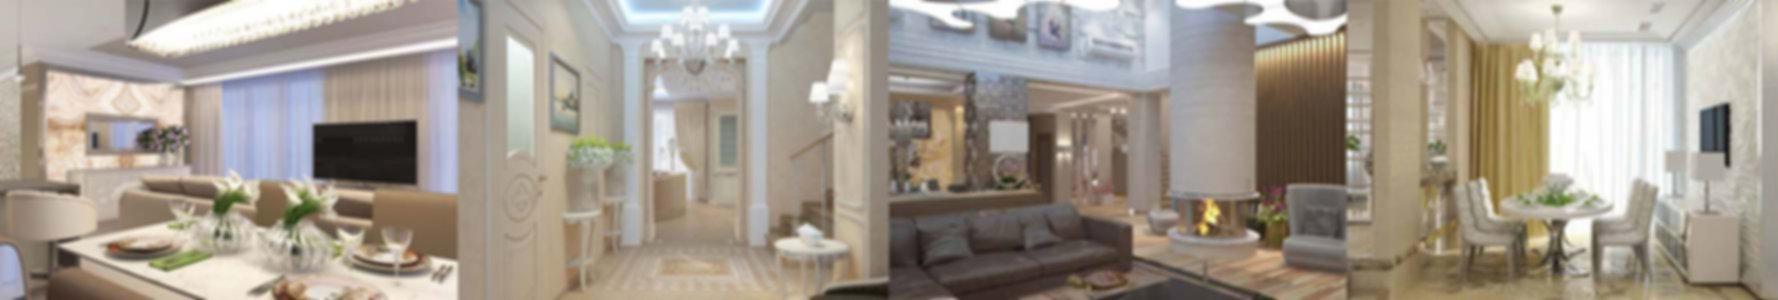 дизайн интерьера квартир и домов в праге чехии